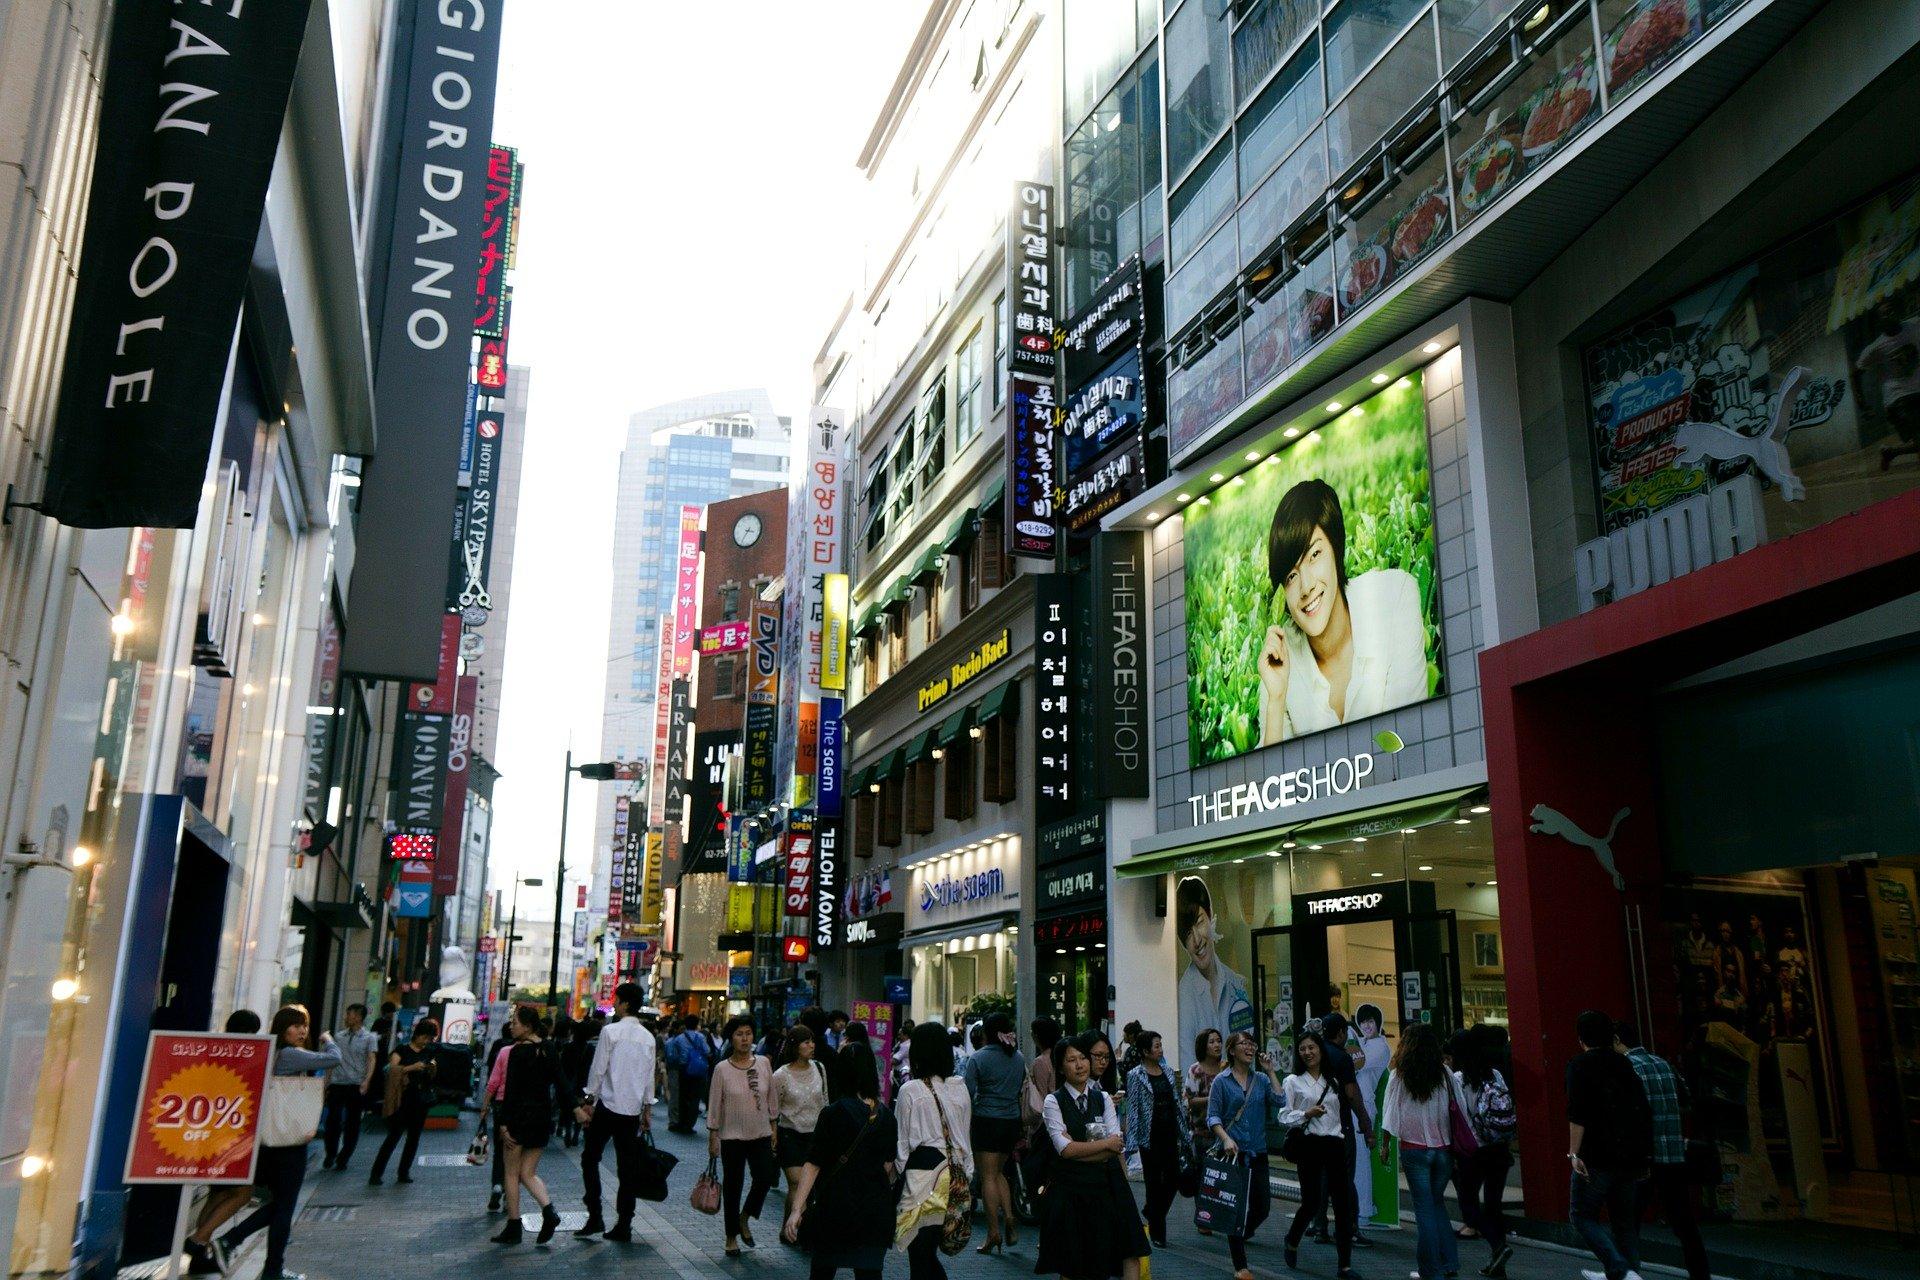 [여행 그리고 경제] 위기의 서울시 관광업계를 살리려면?